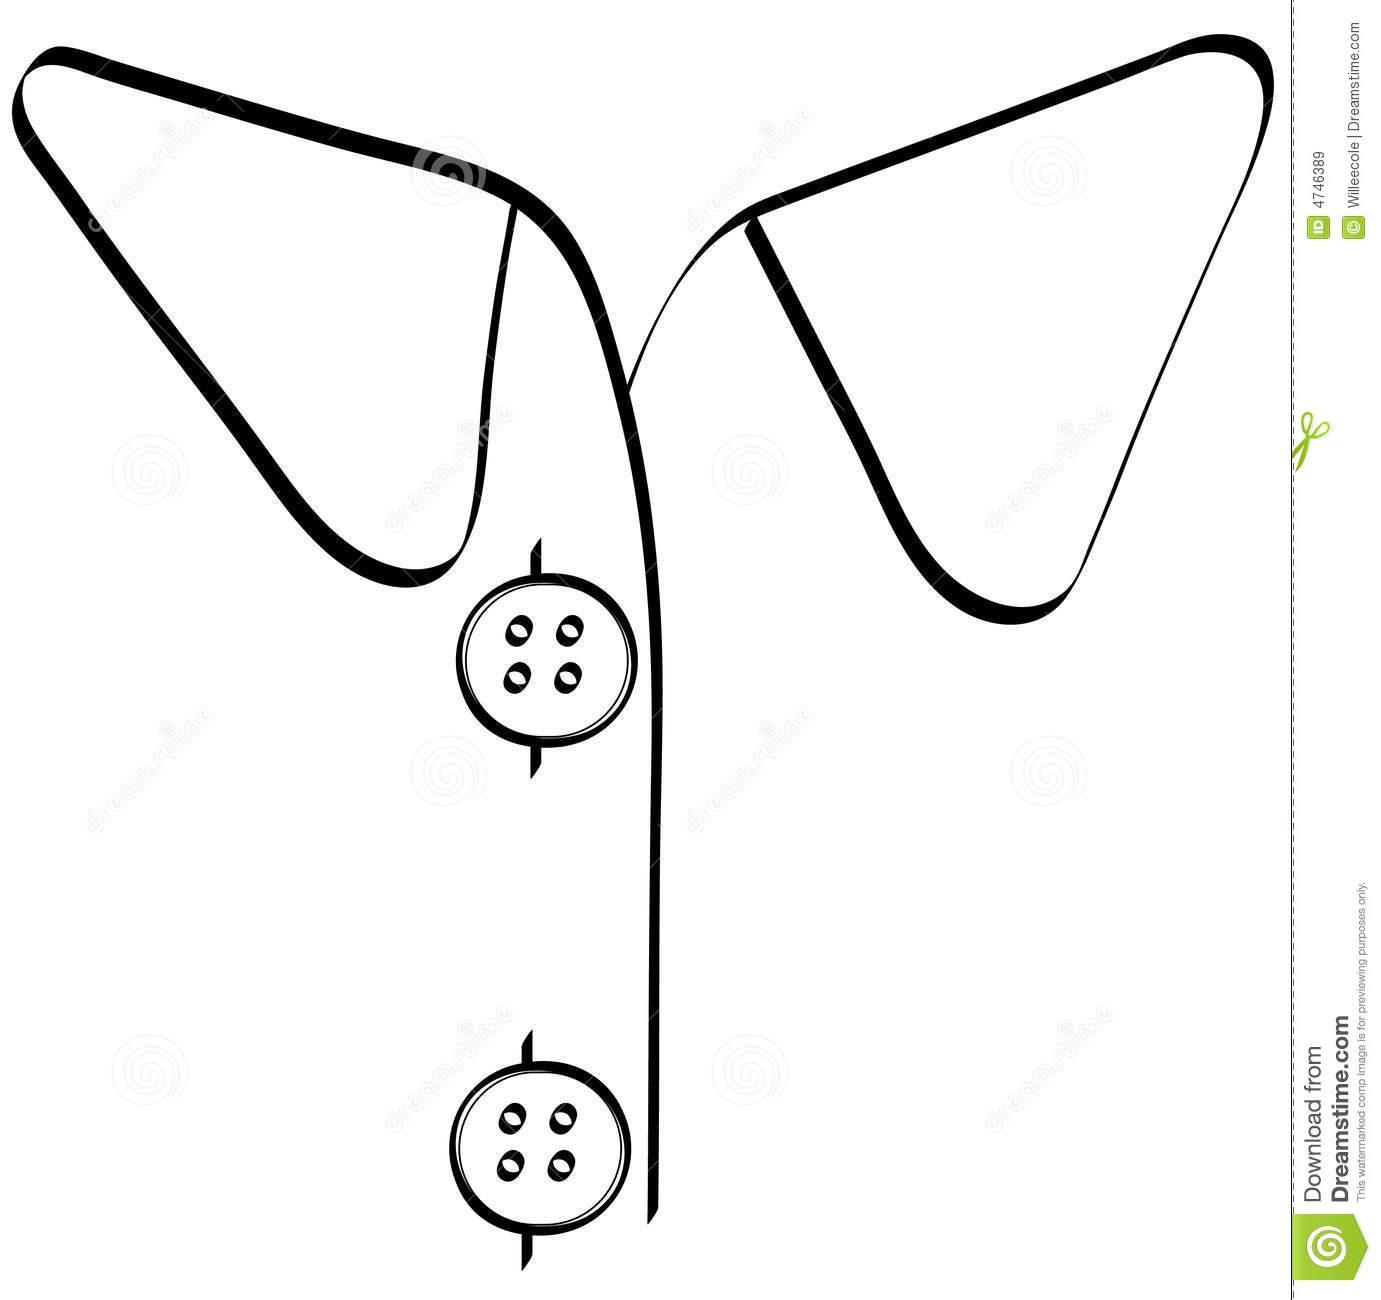 Shirt collar clip art.